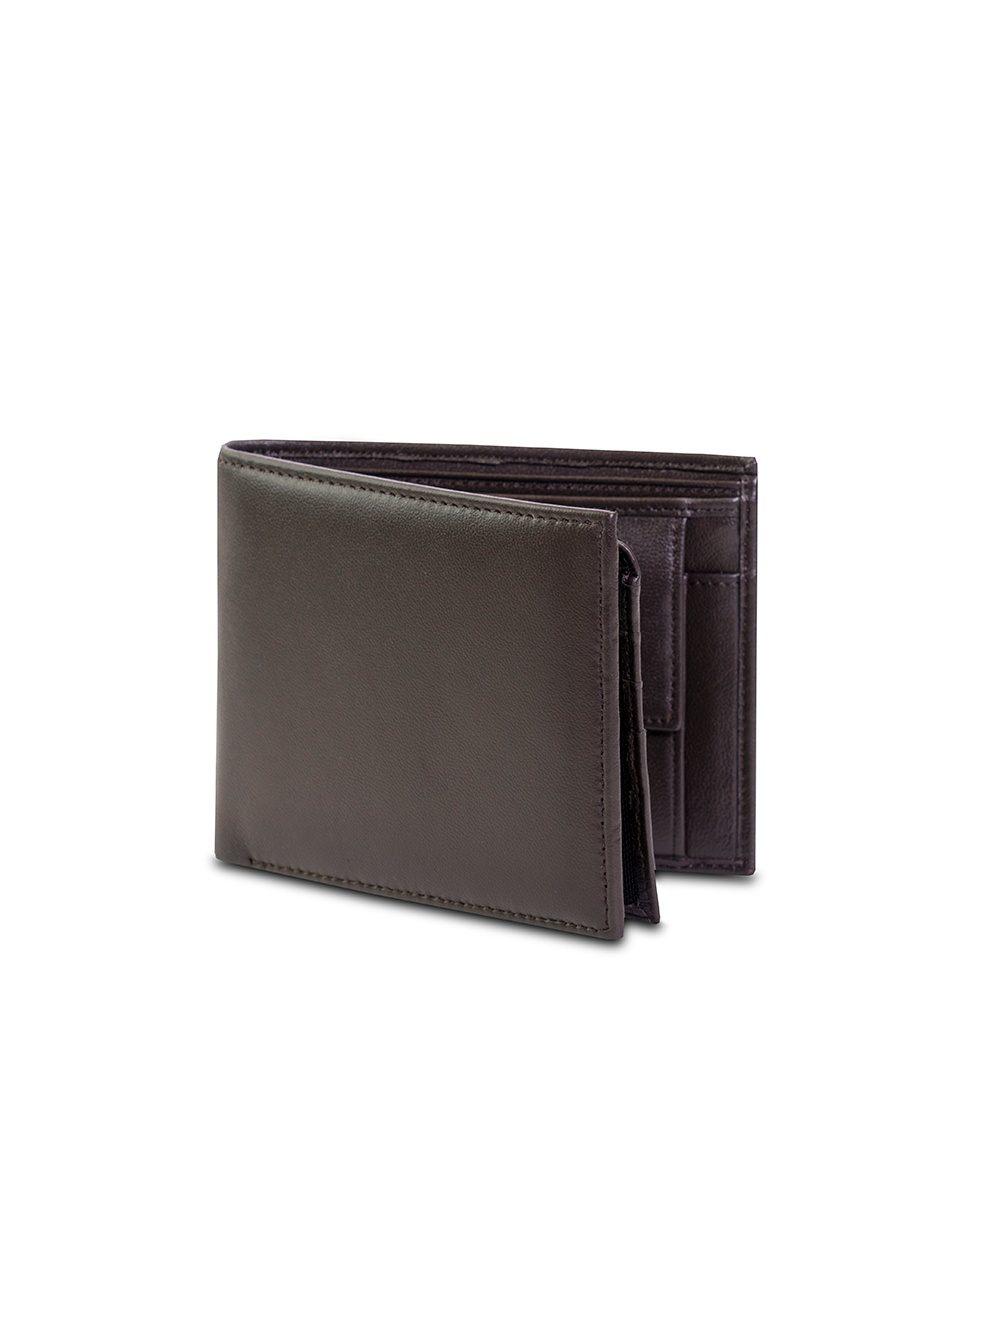 Portafoglio classico con portamonete